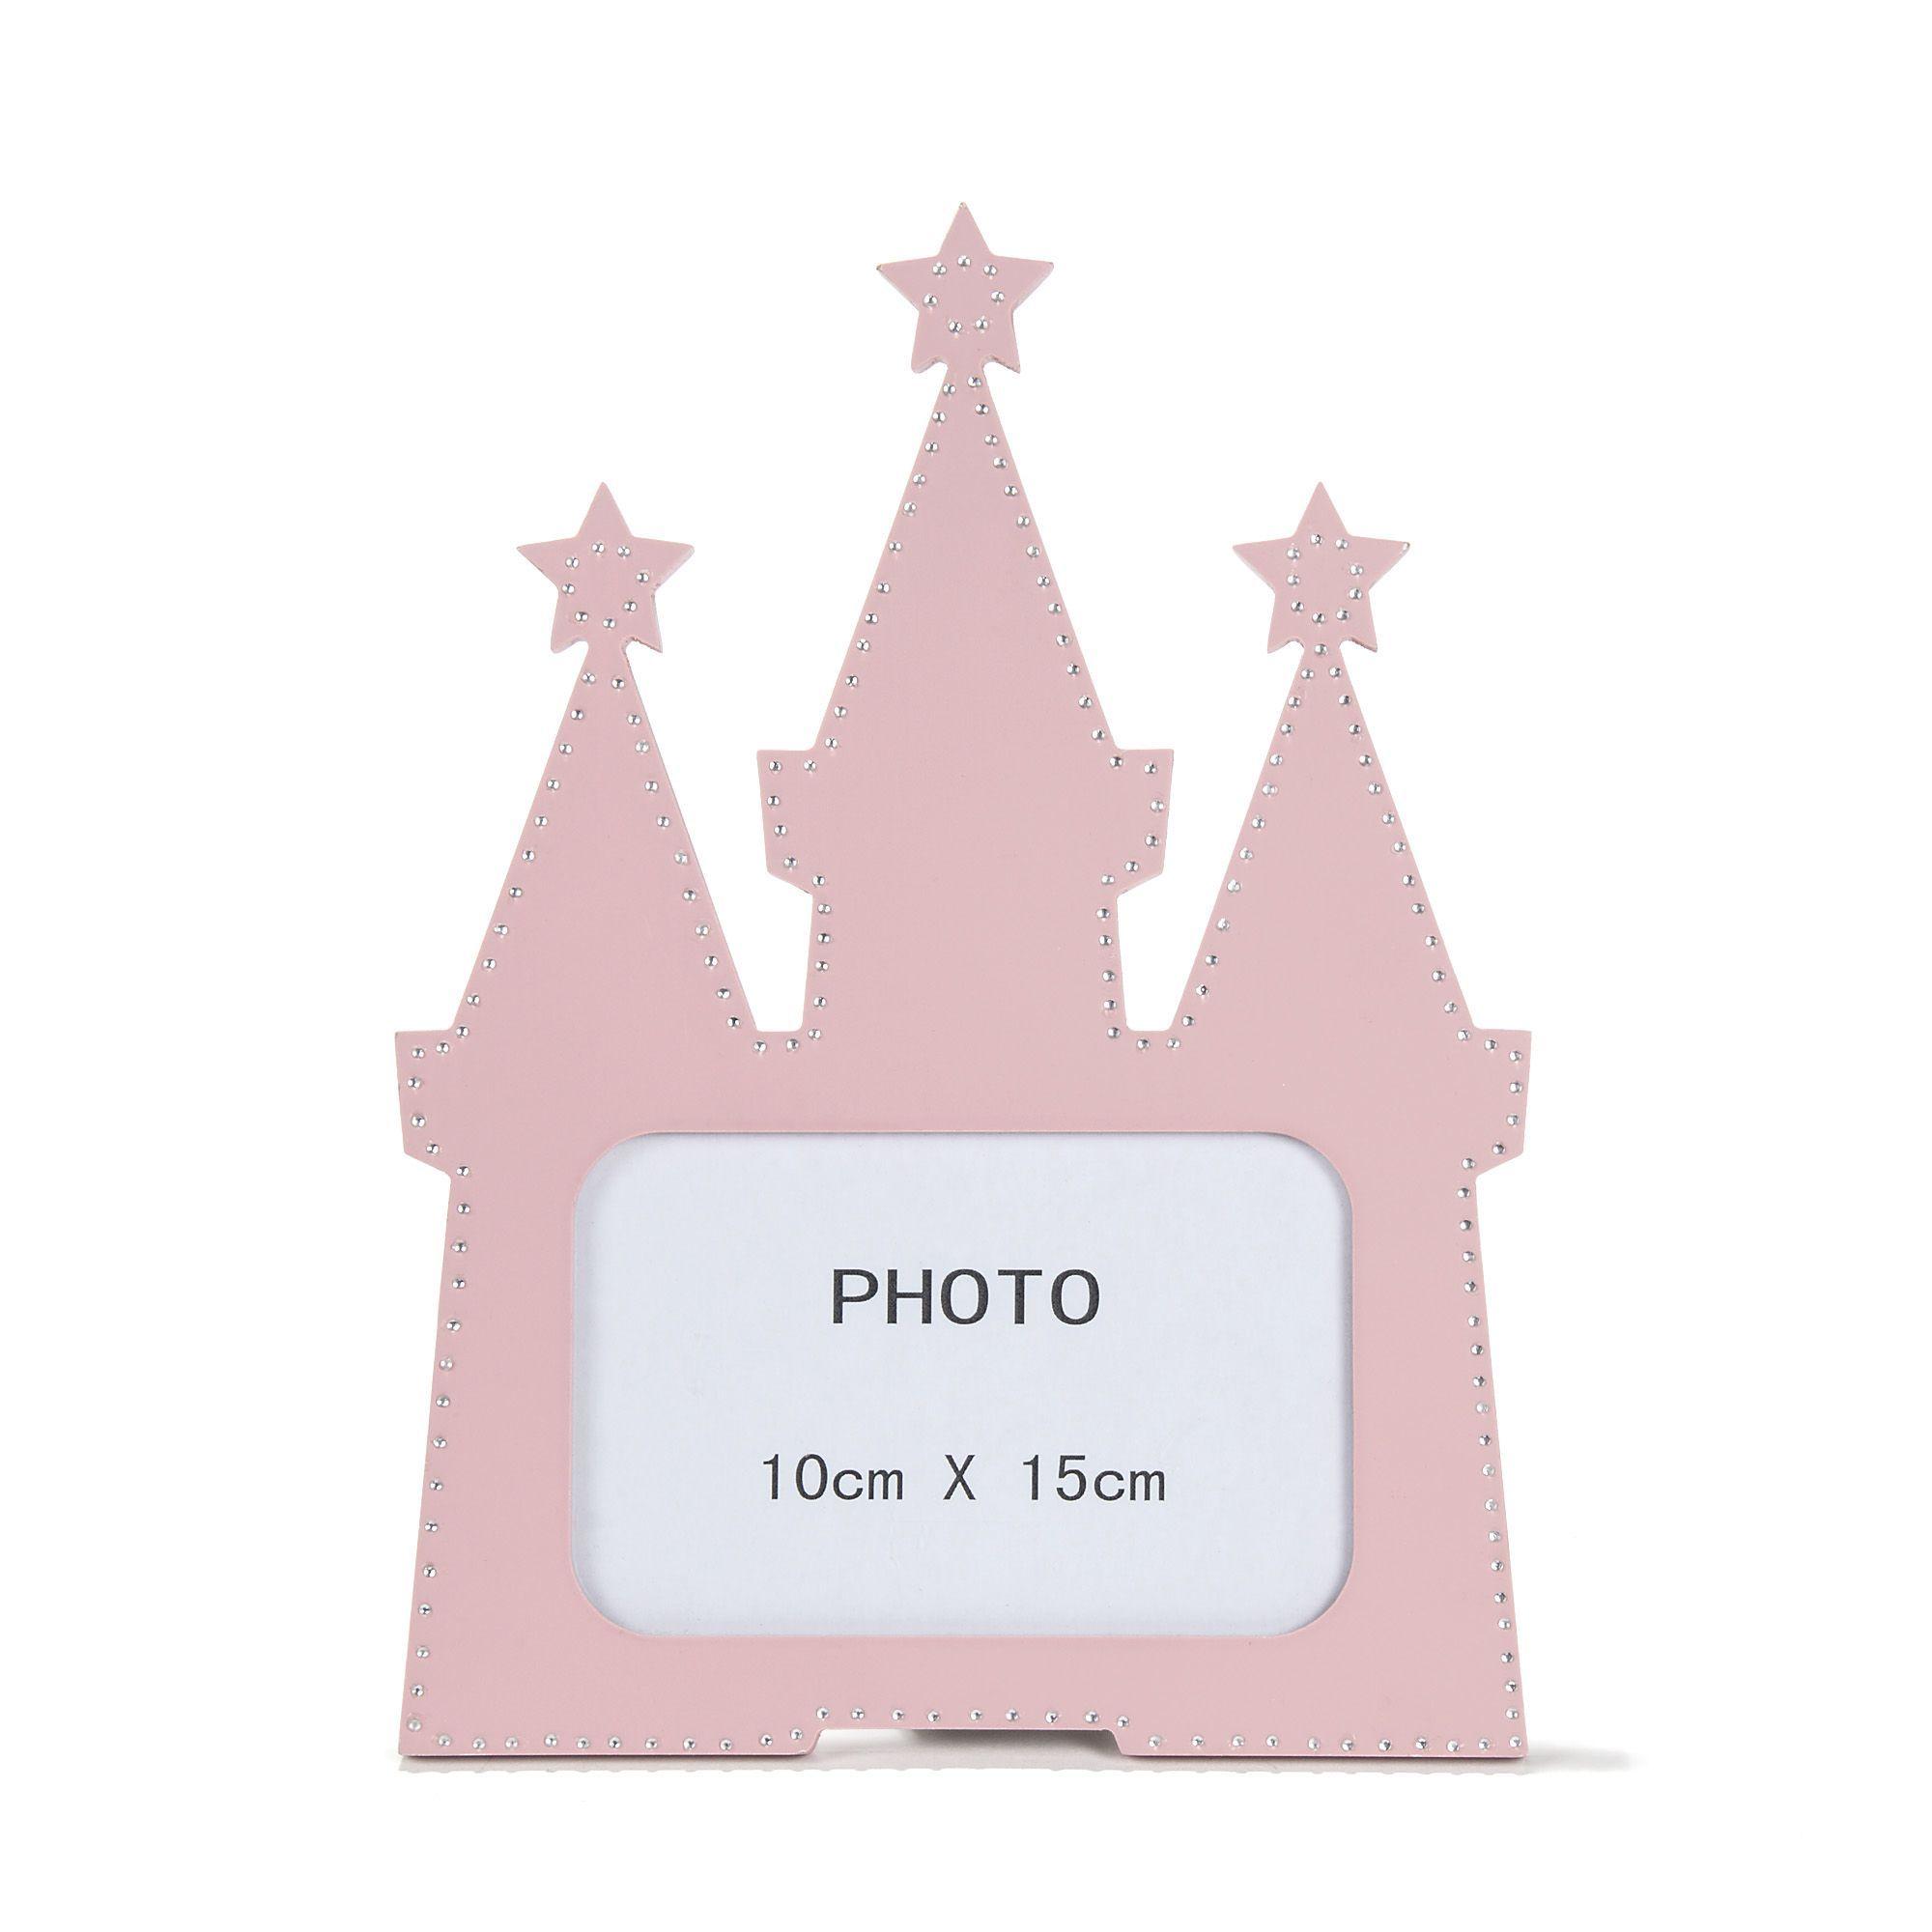 Cadre Photo 15x23cm En Forme De Chateau Rose Princesse Les Objets De Deco Enfants Decoration Pour Enfant Toute La Cadre Photo Deco Enfant Meuble Deco